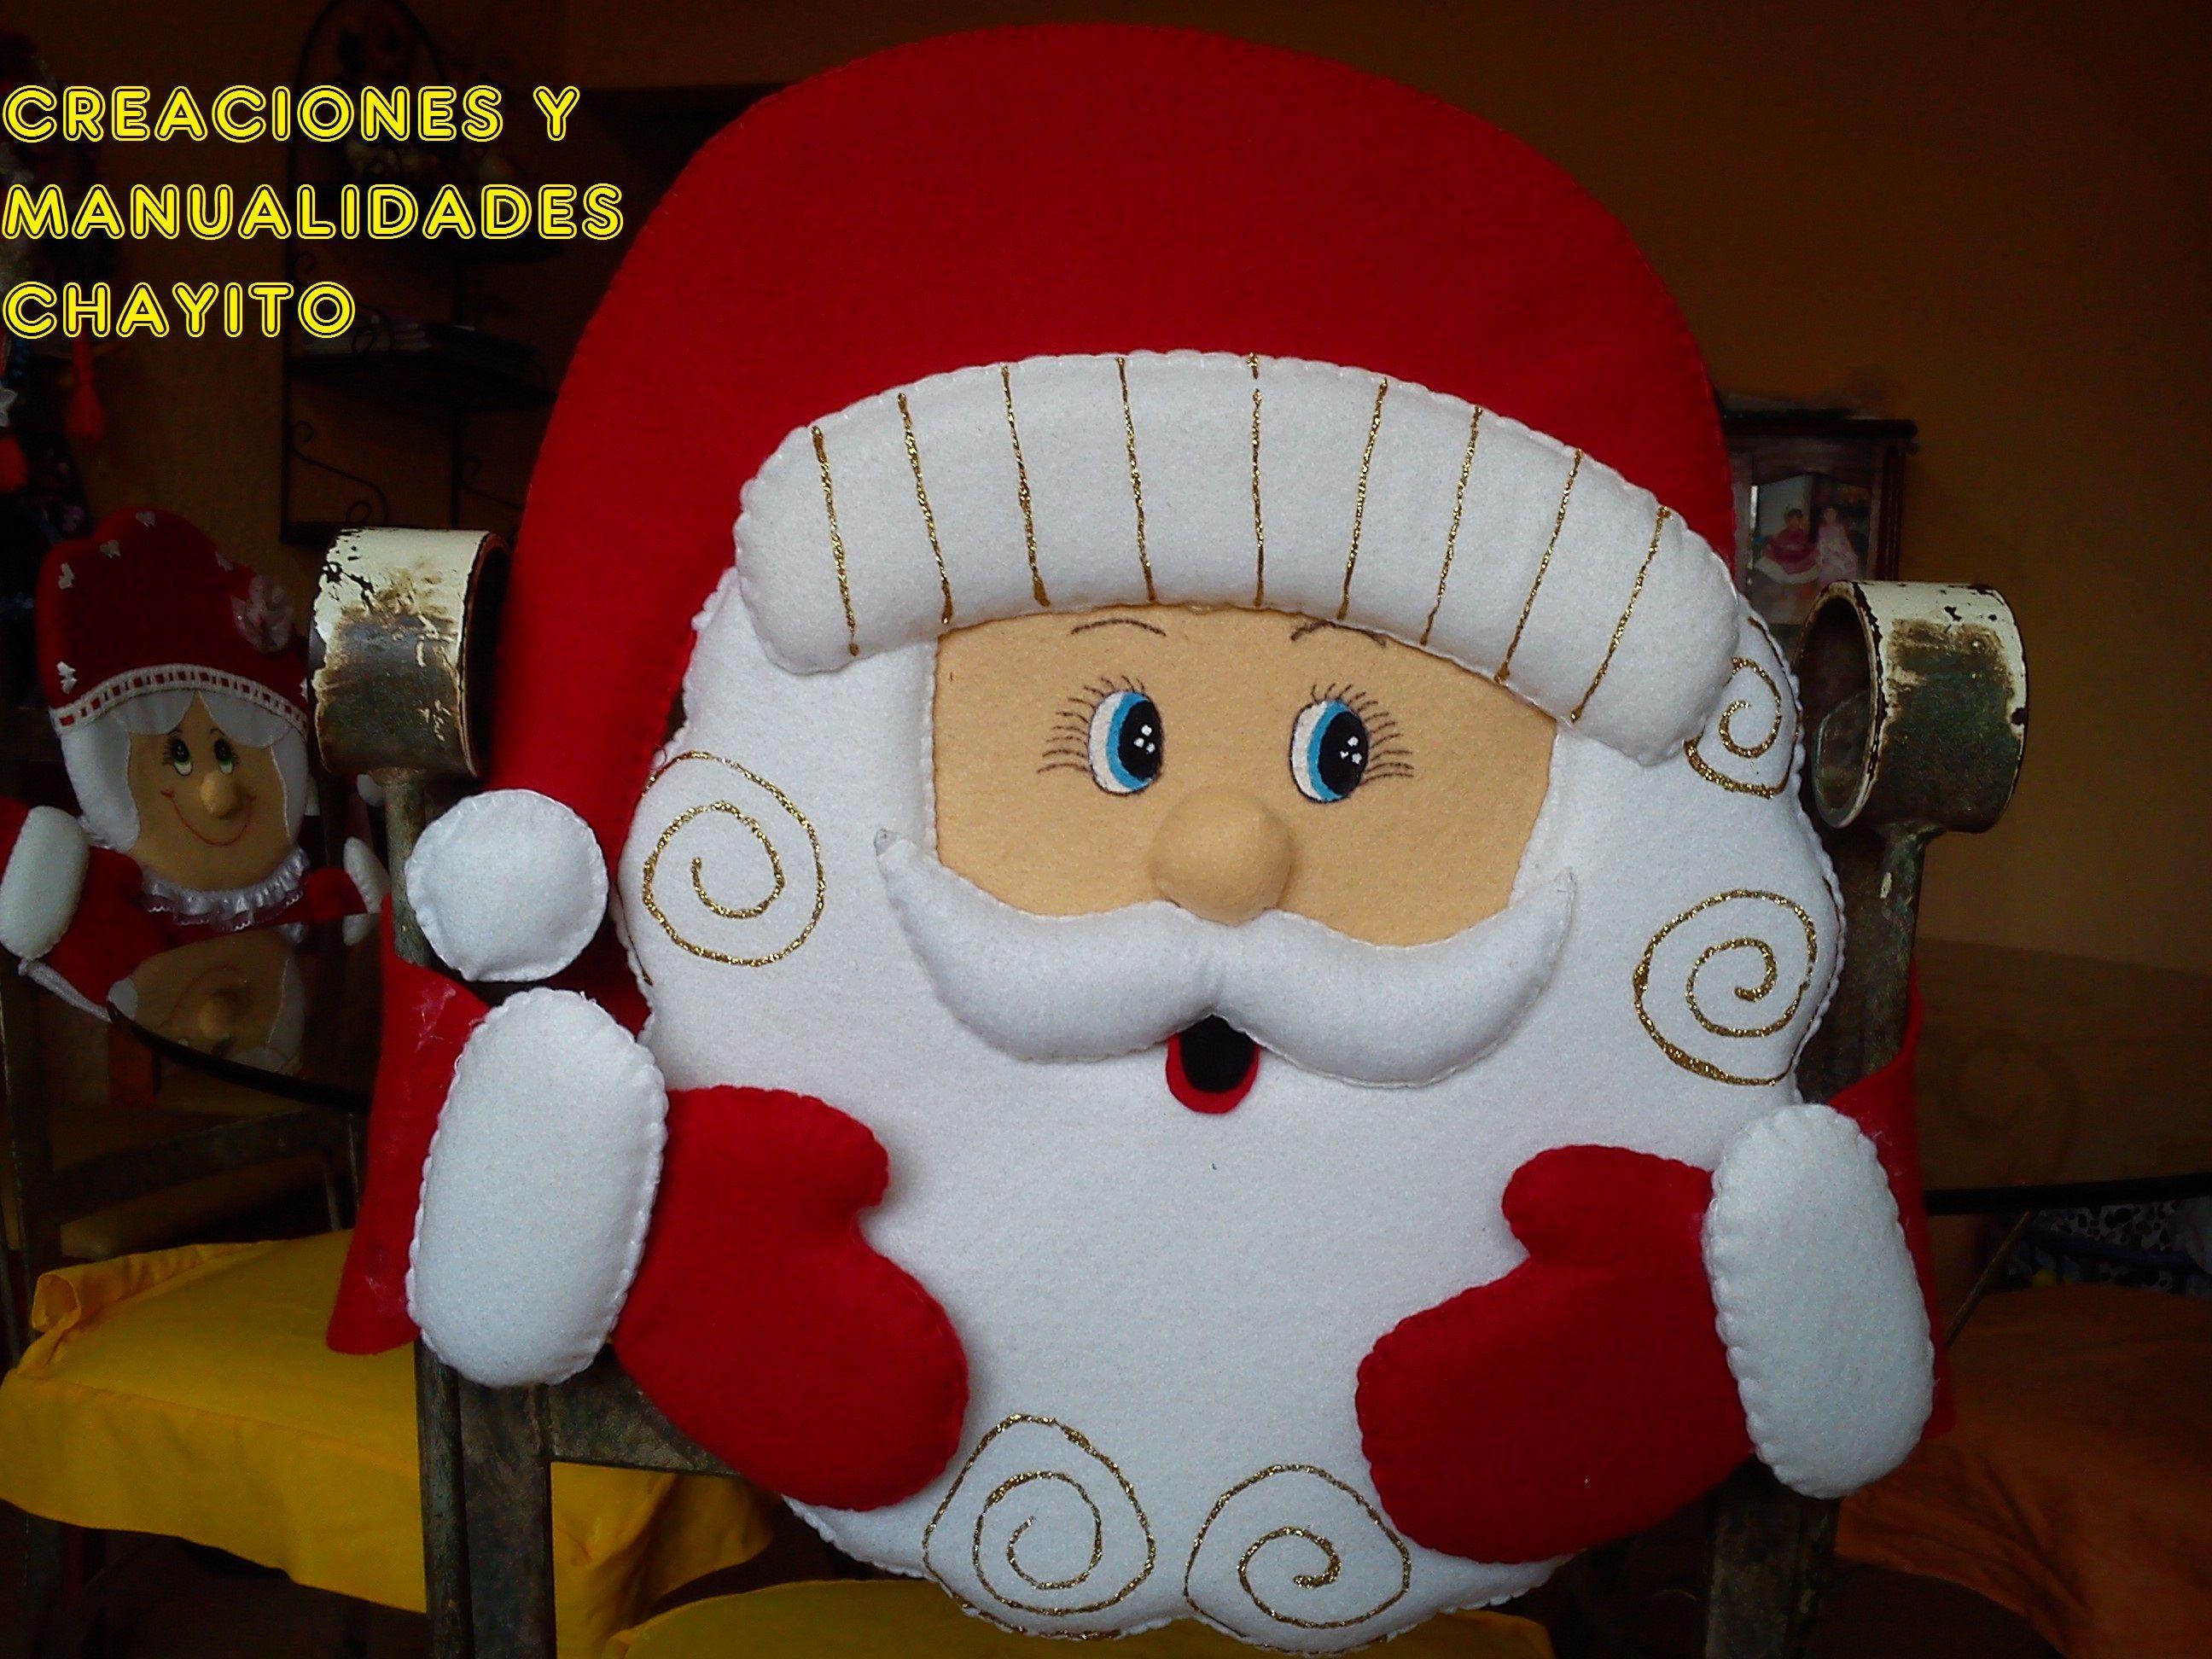 sillas navideños - Buscar con Google | FORROS NAVIDEÑOS PARA SILLA ...